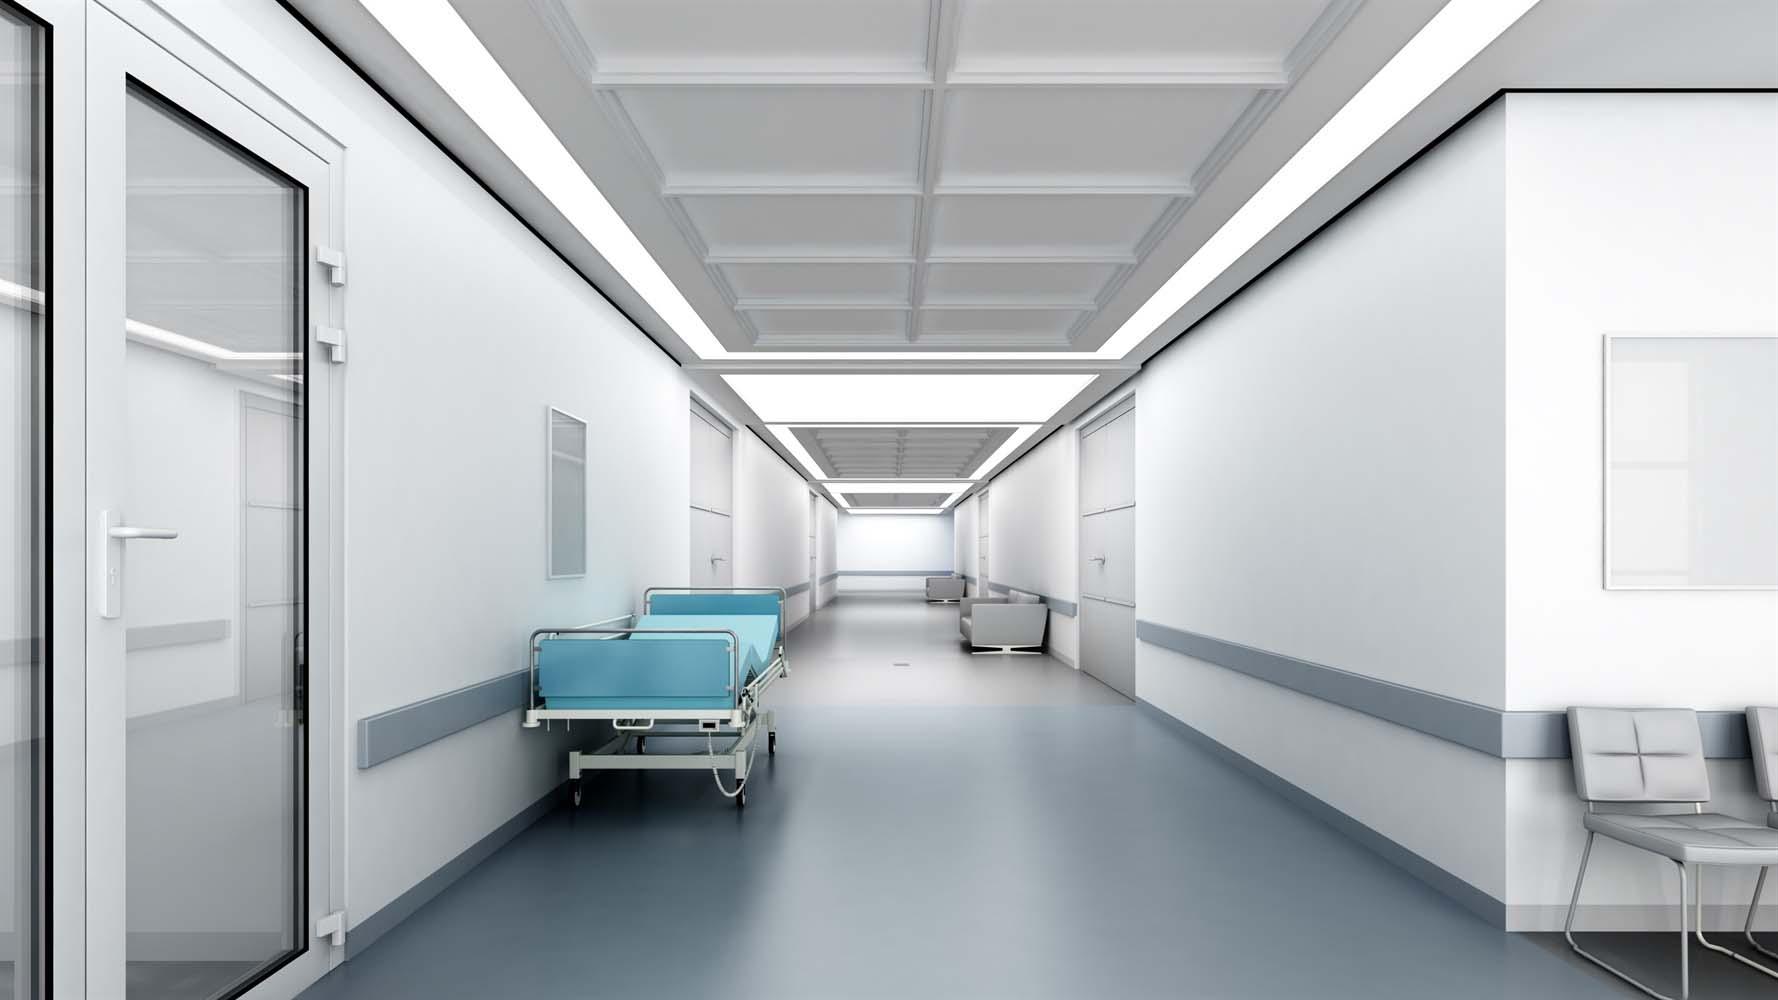 В Москве уволили медработника, перепутавшего пациенток при оформлении